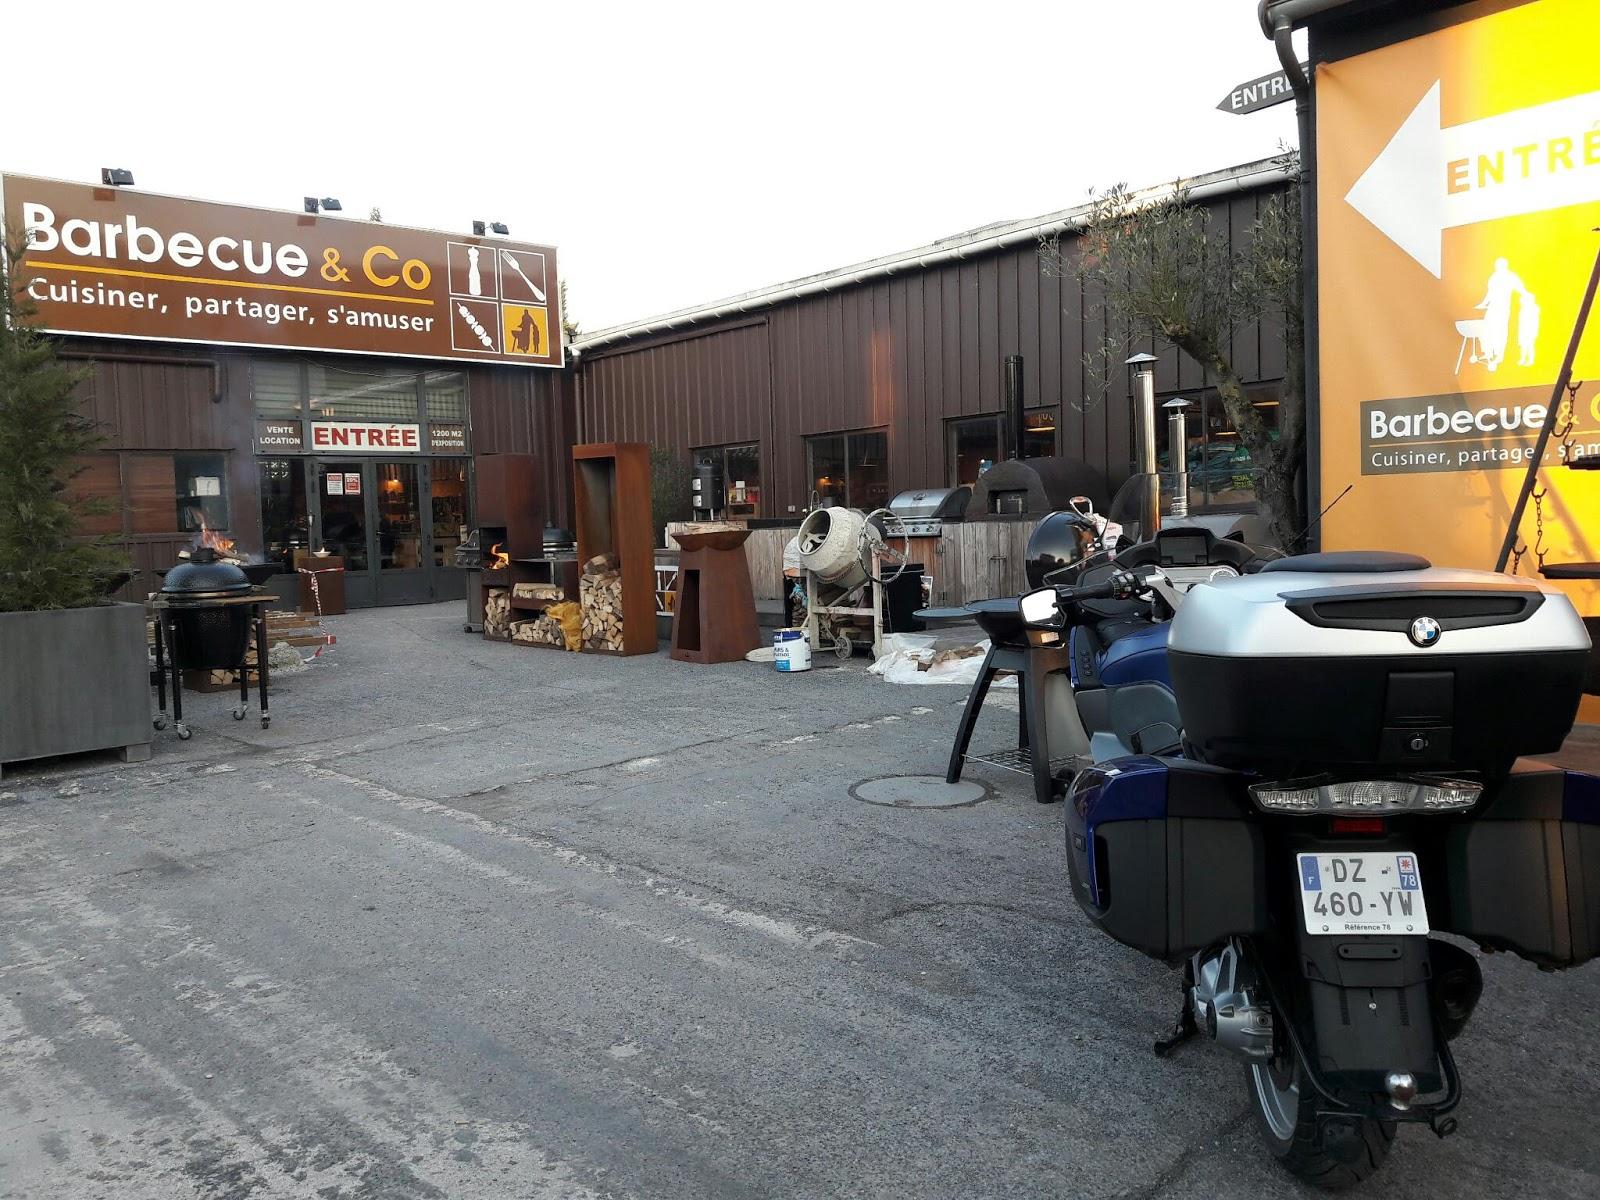 Barbecue & Co Feucherolles thebigalp: froid ? une bonne occasion de se réchauffer